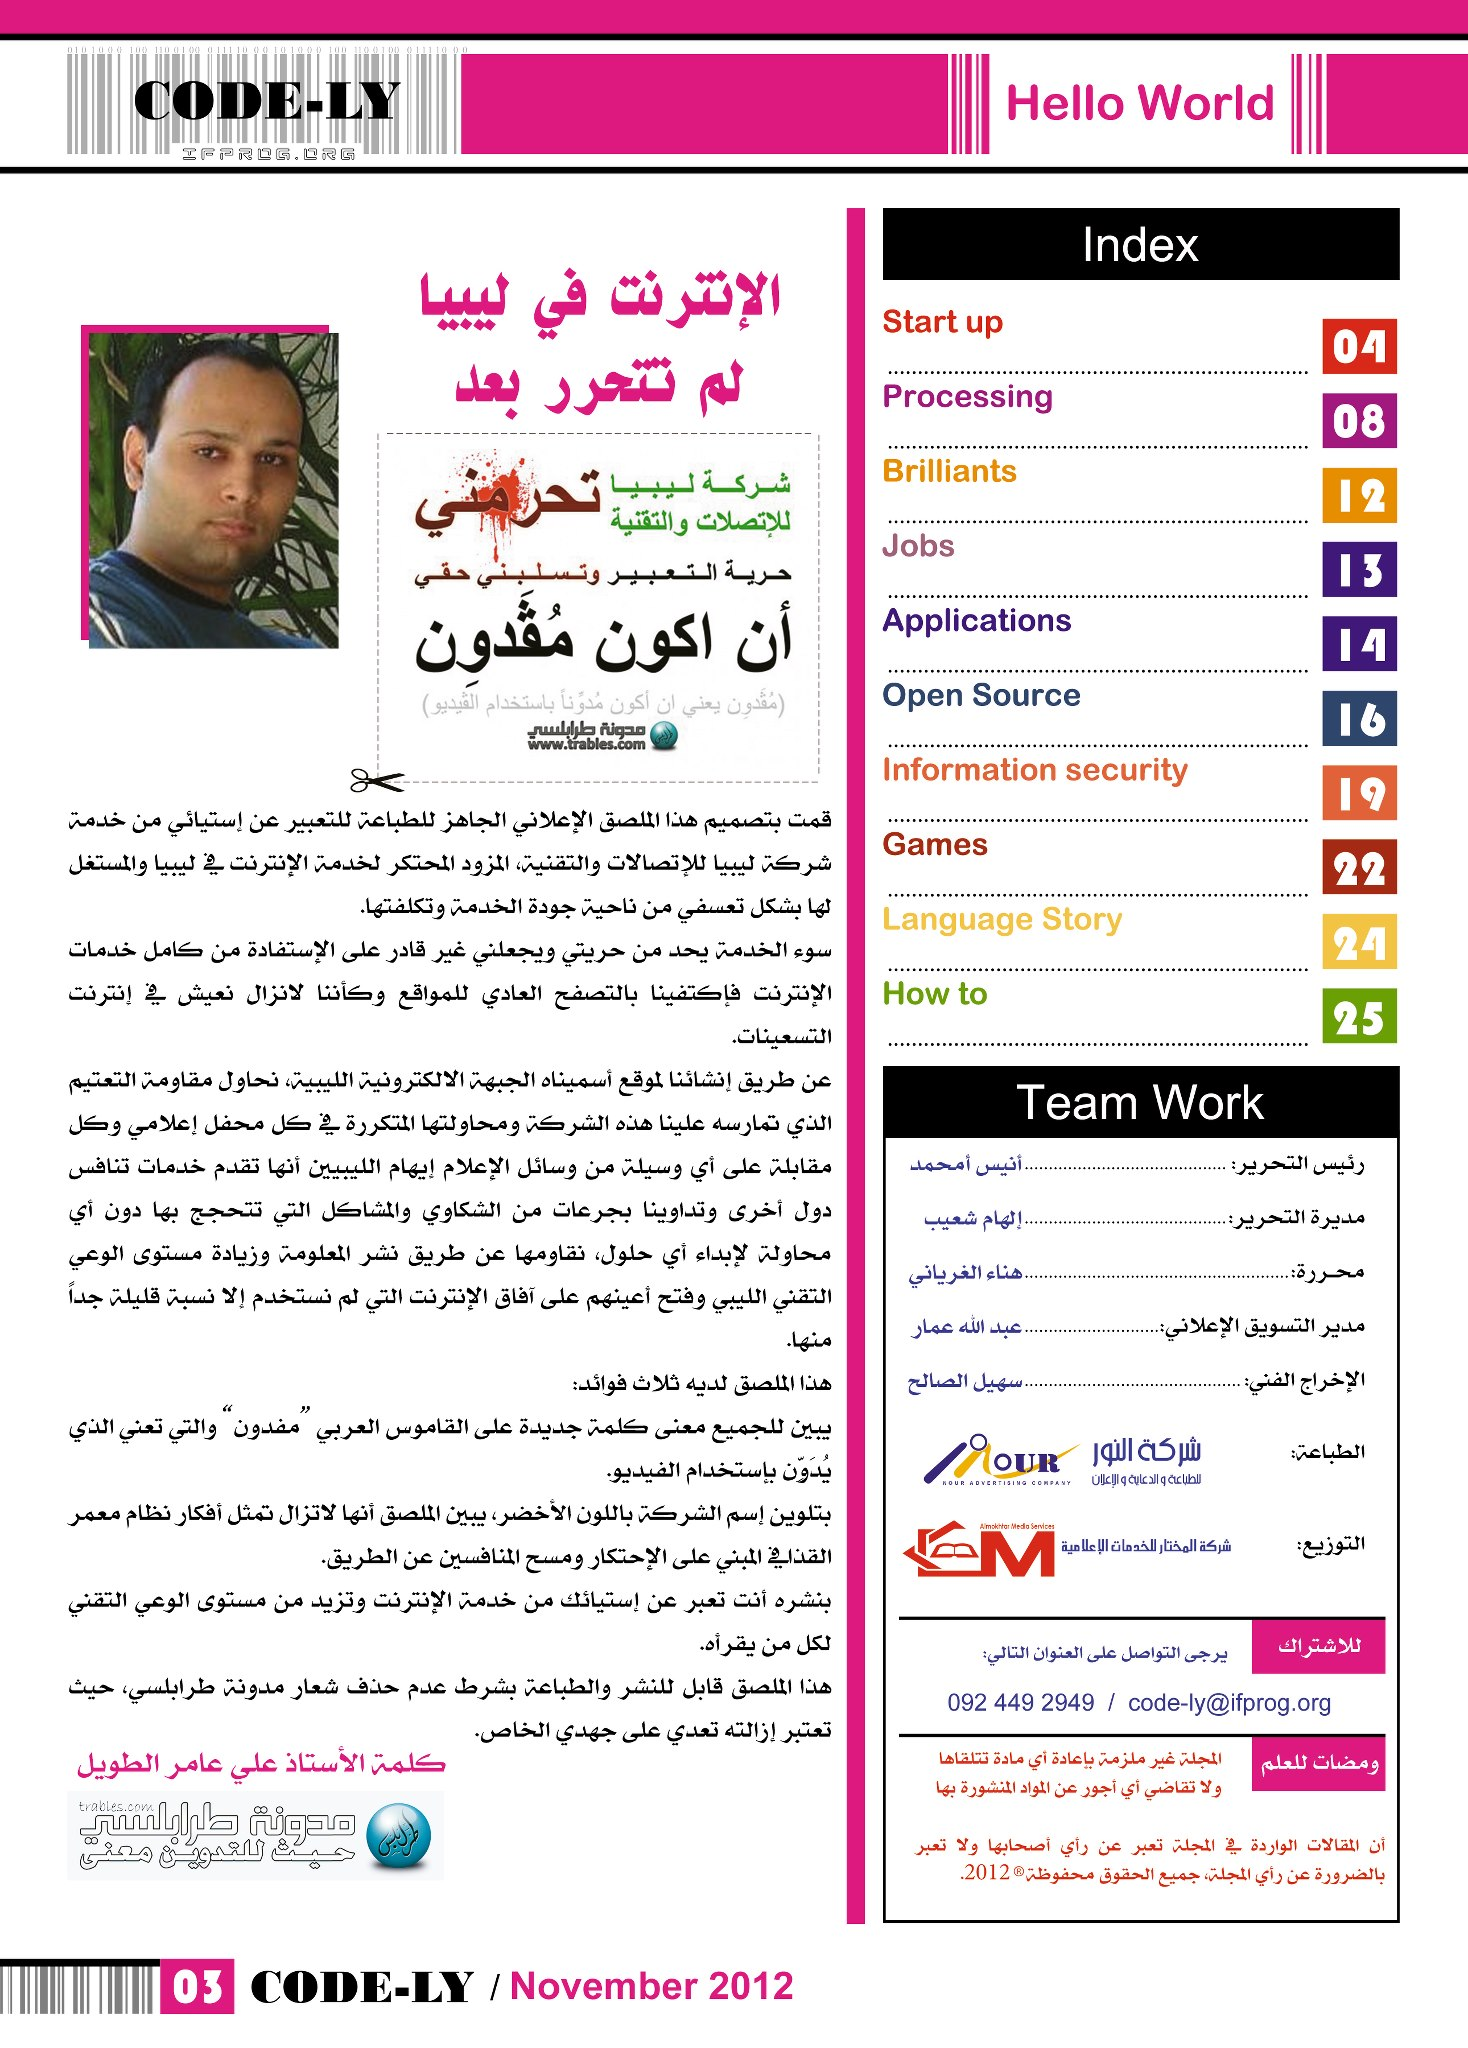 كلمة العدد لمجلة الشيفرة الليبية